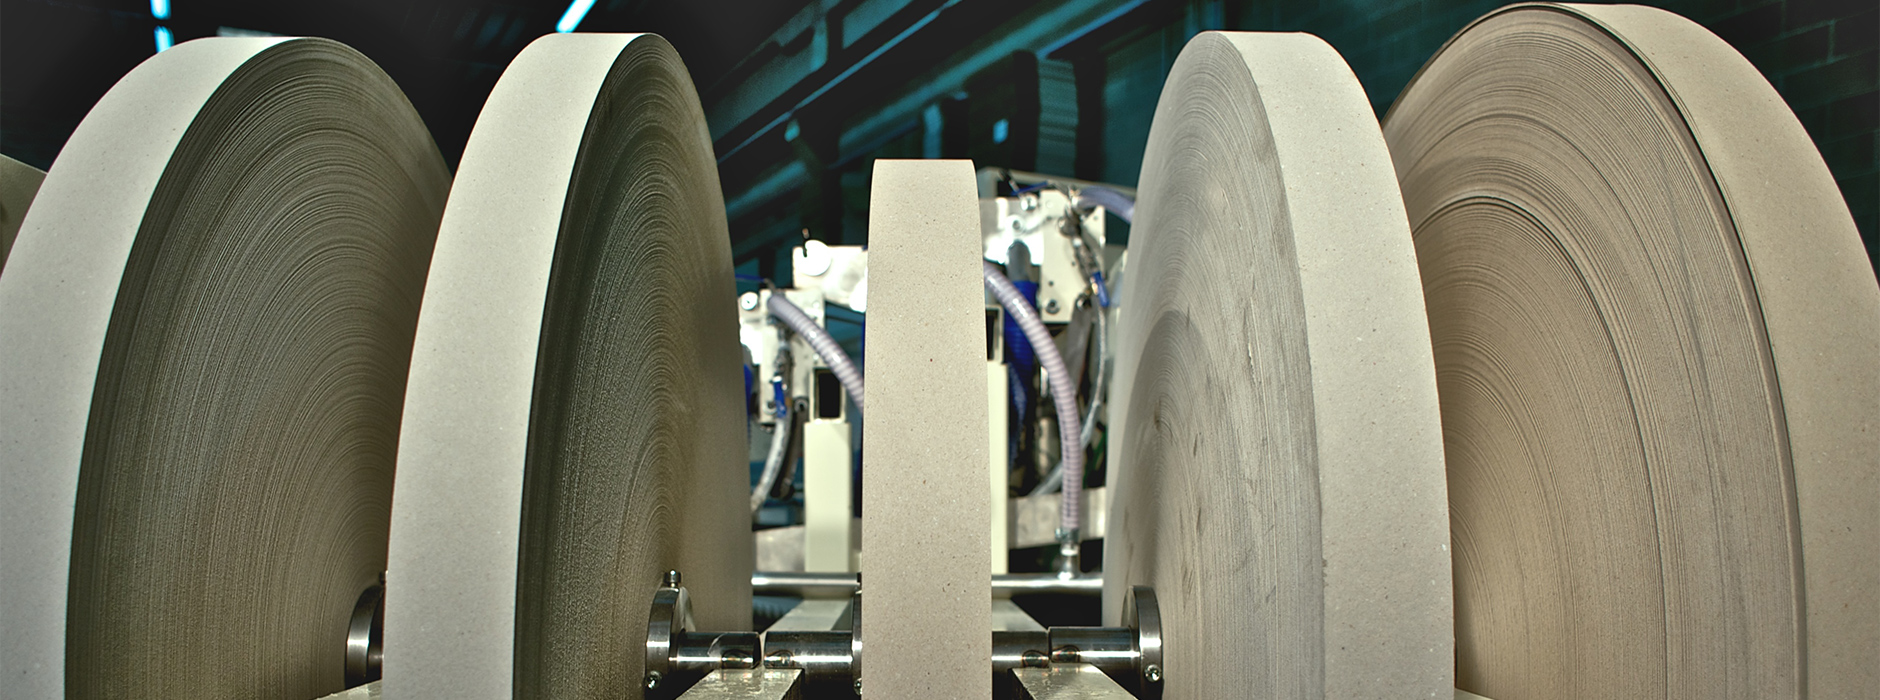 Spares & More - Tissue Converting Machine